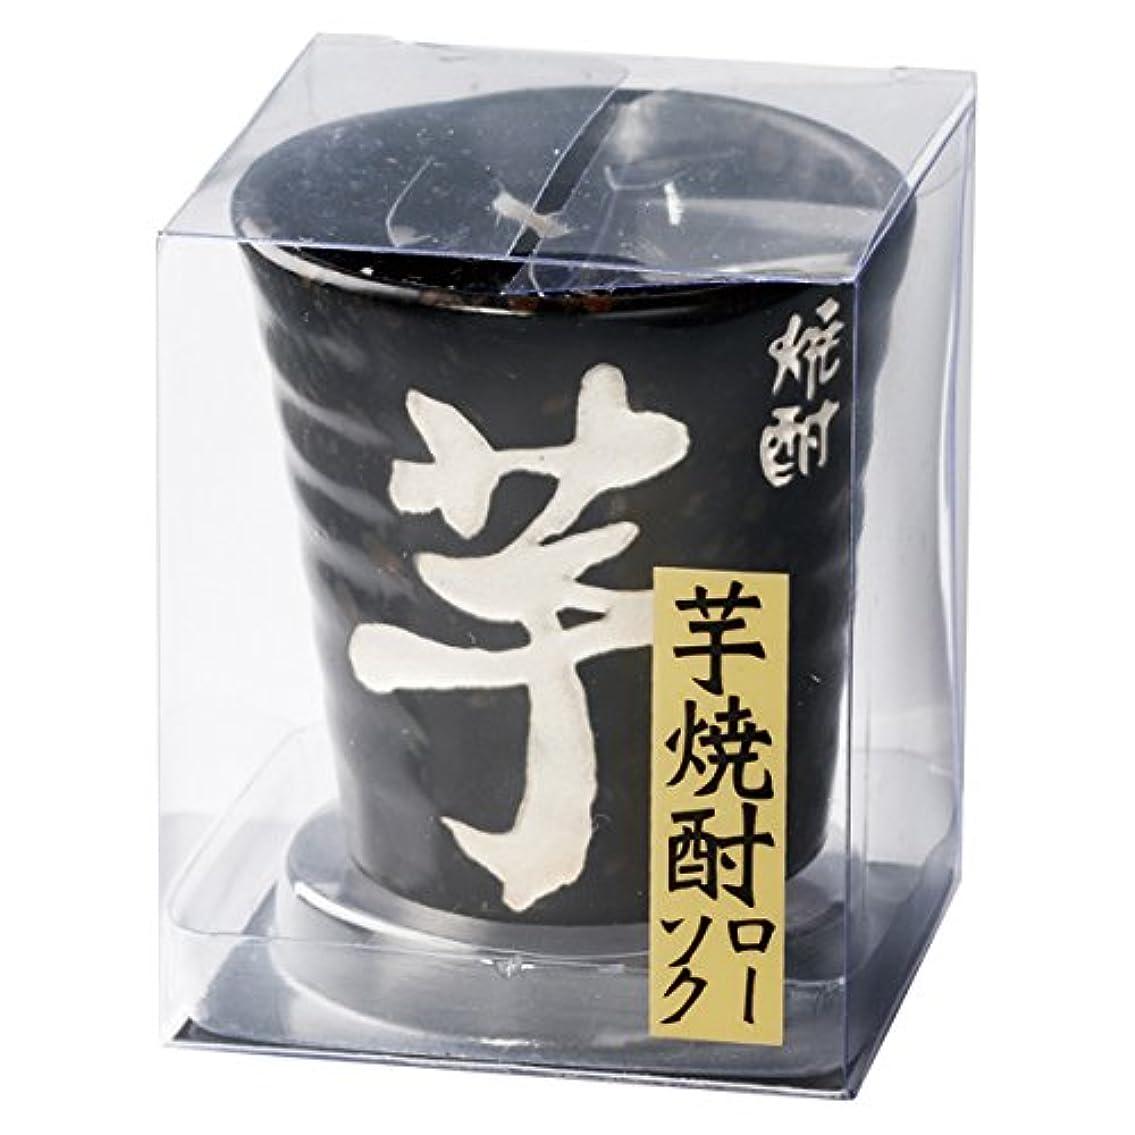 フィードオン伝統雨芋焼酎ローソク